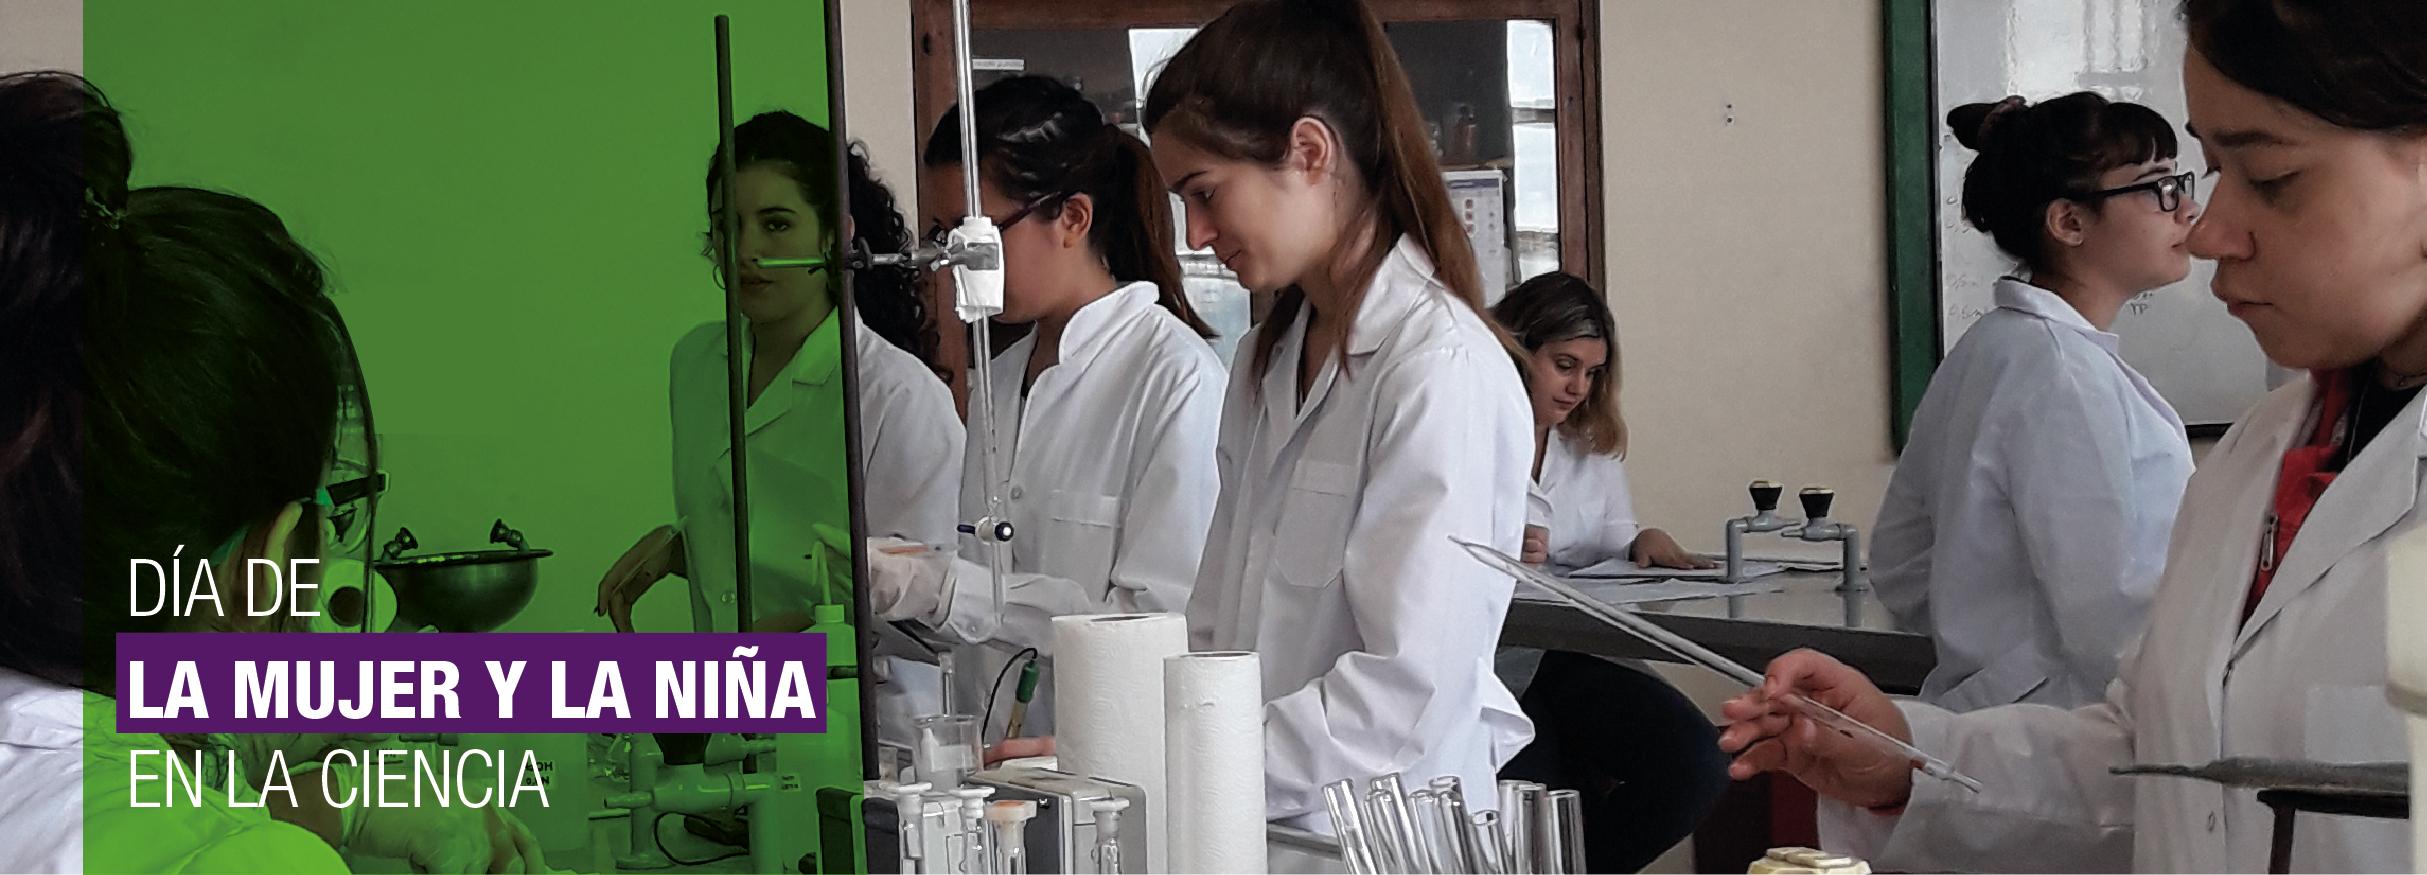 Imagen de la noticia Mujeres con ciencia